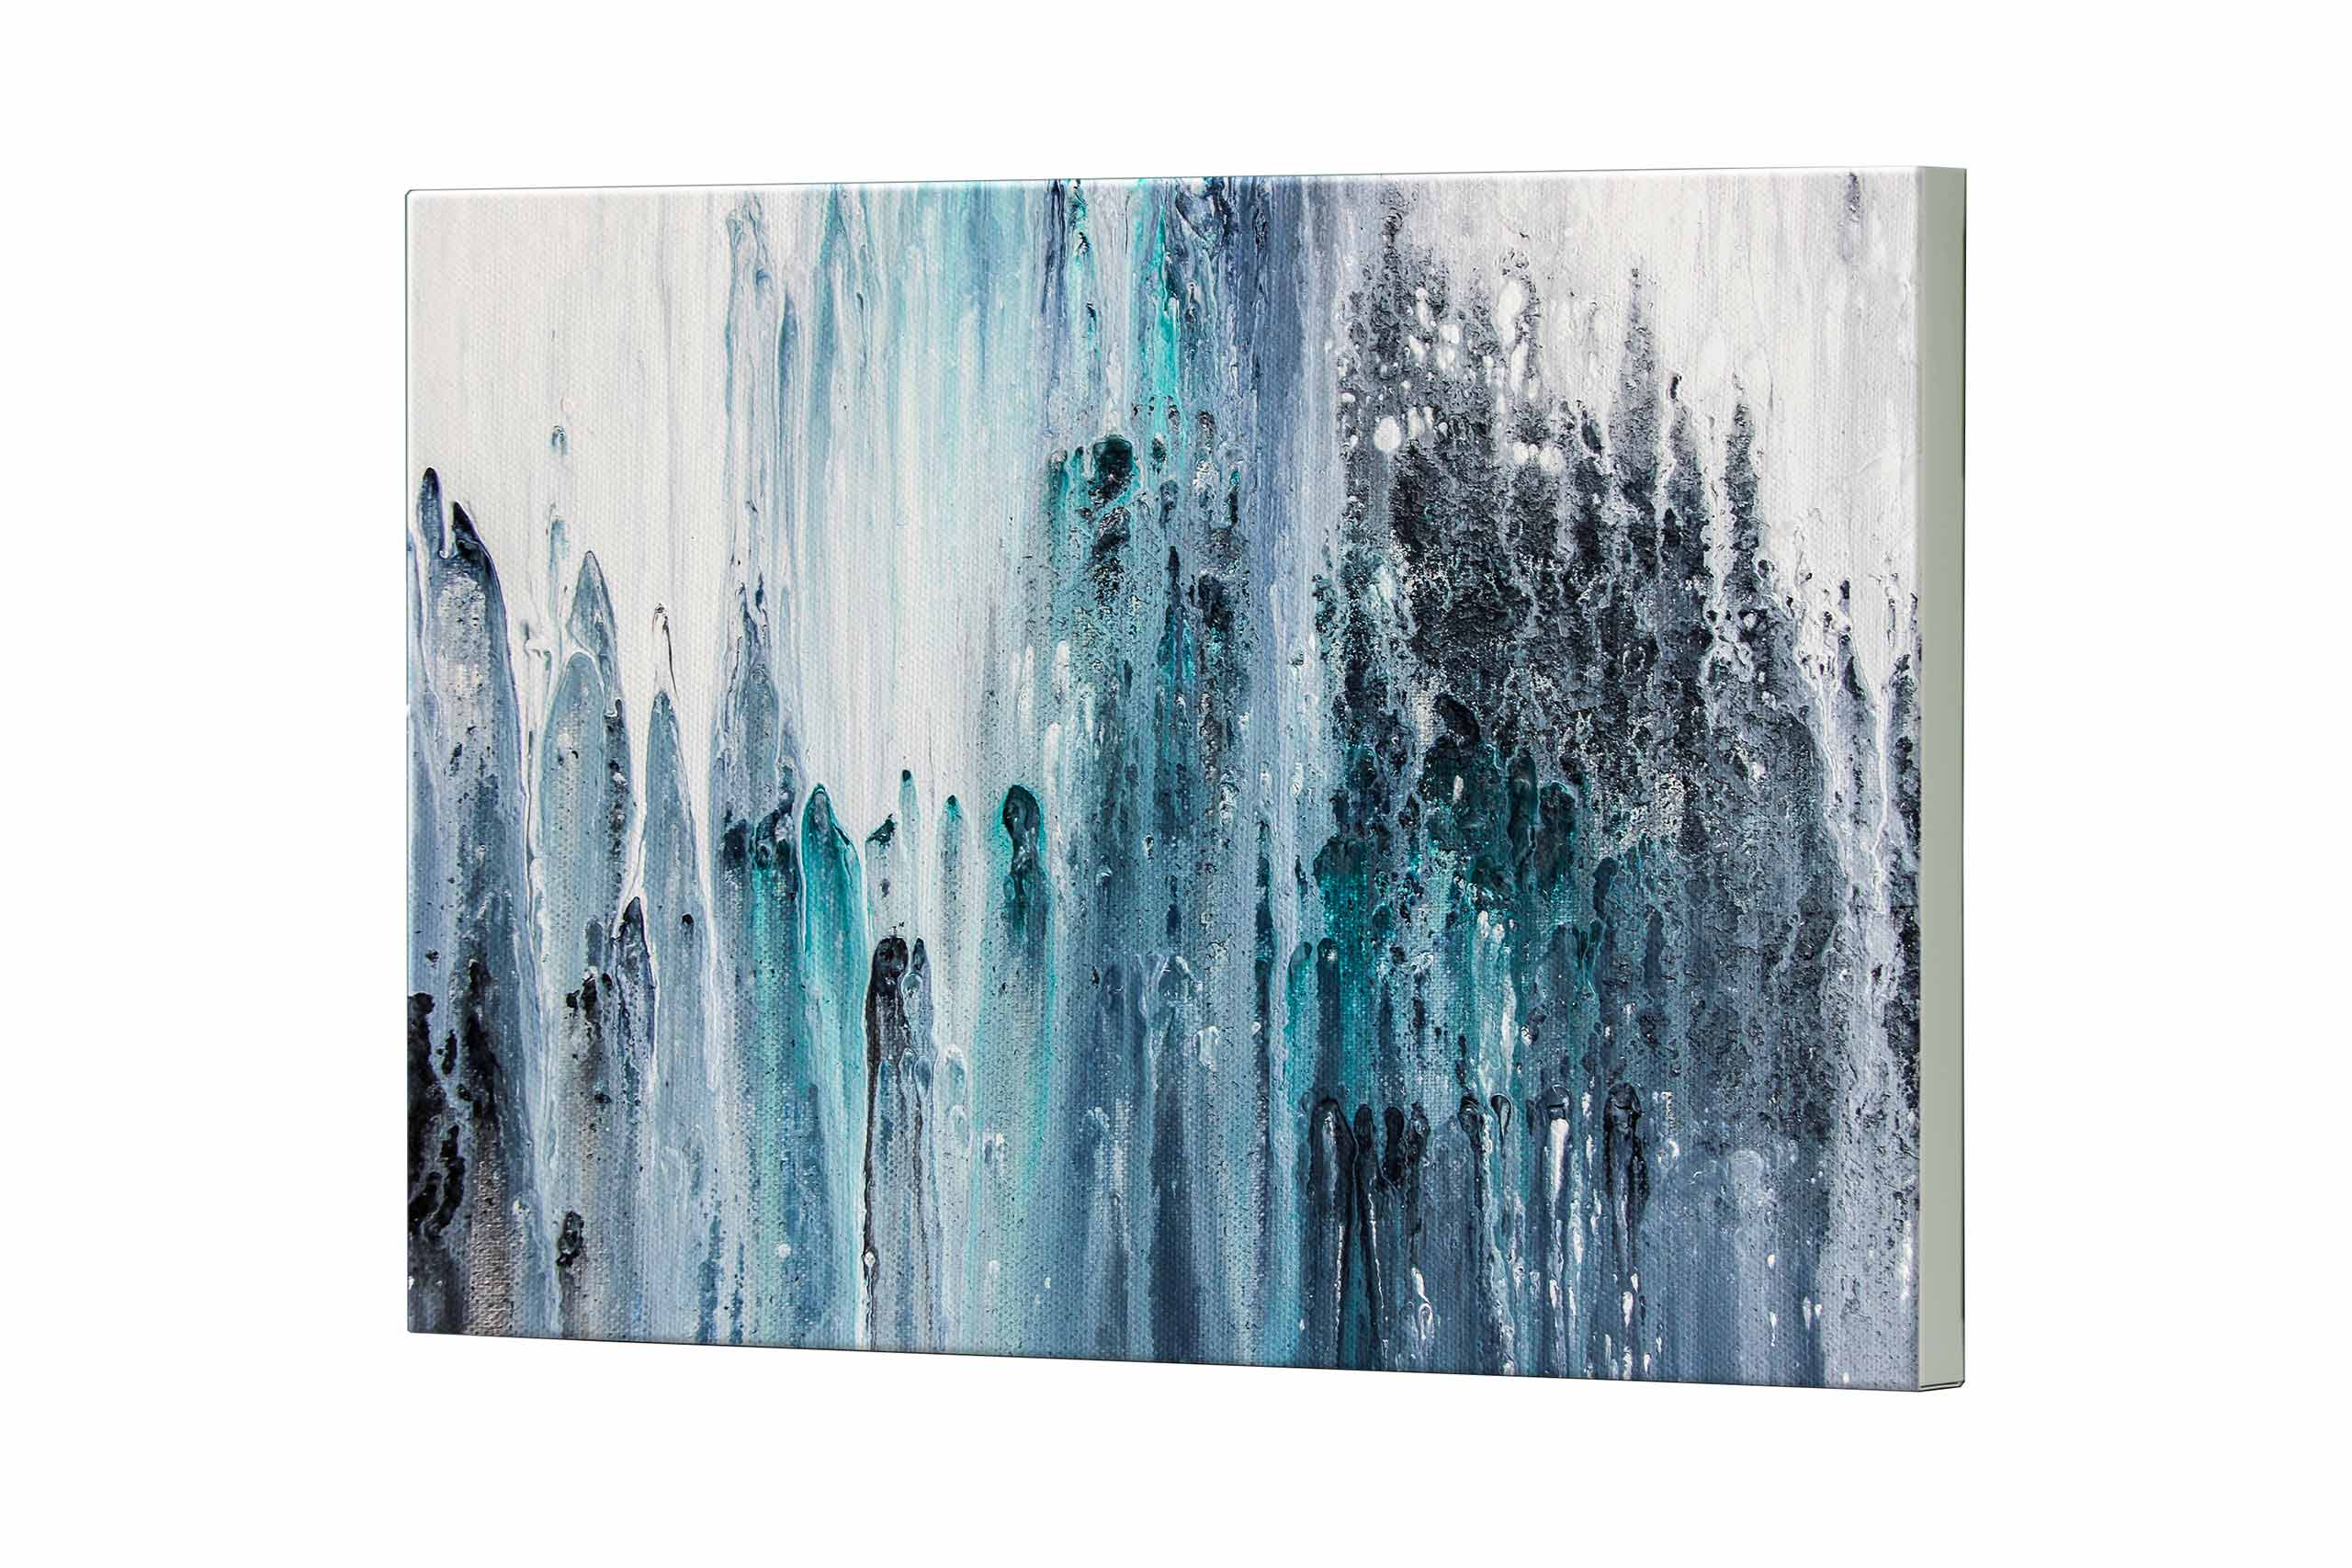 Magnettafel NOTIZ 80x60cm Motiv Abstrakt Kunst MDQ503 Motiv-Pinnwand